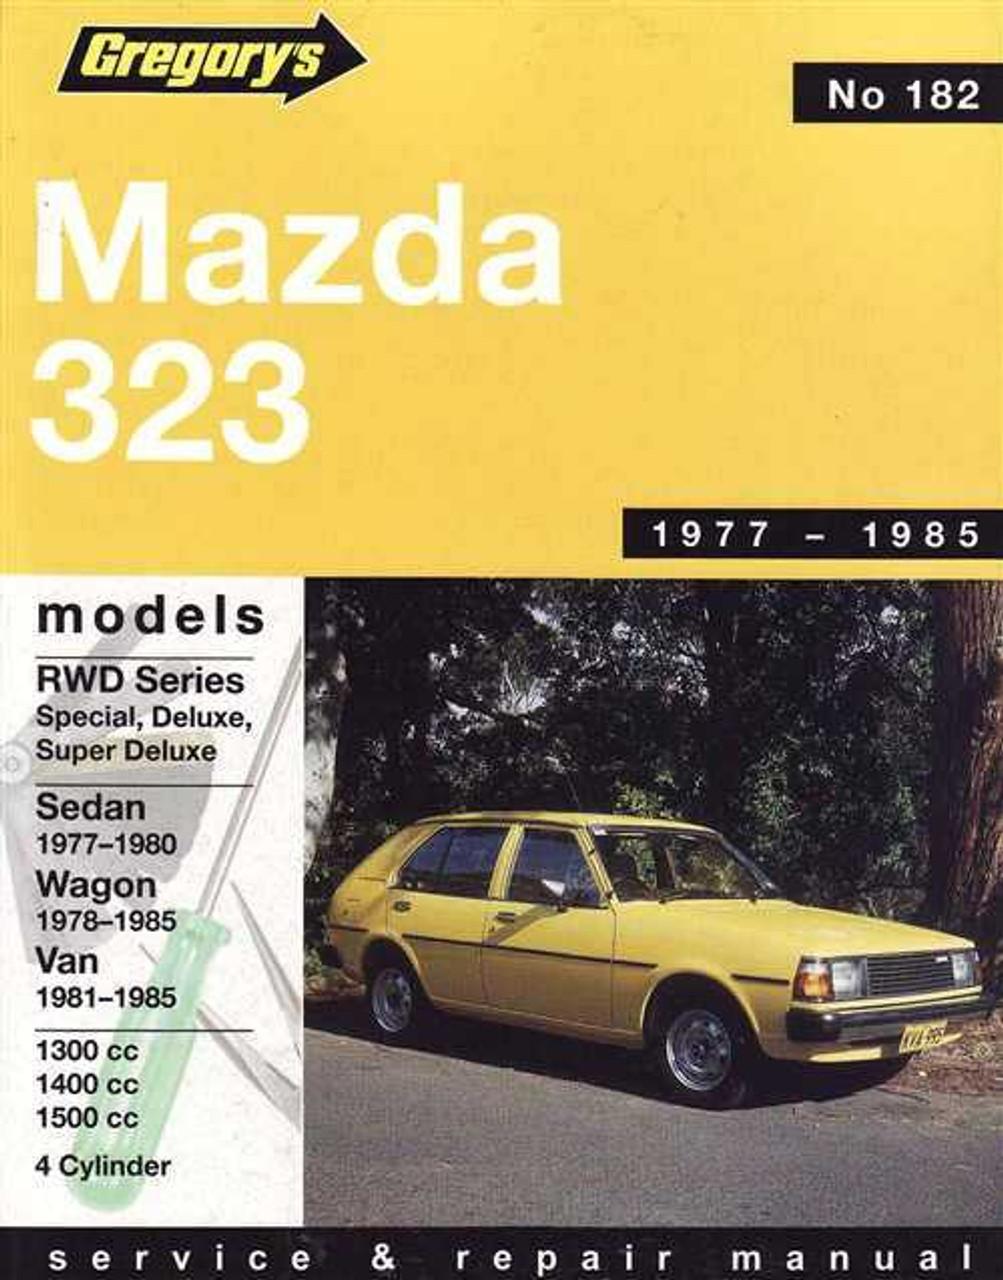 2002 mazda 323 service manual